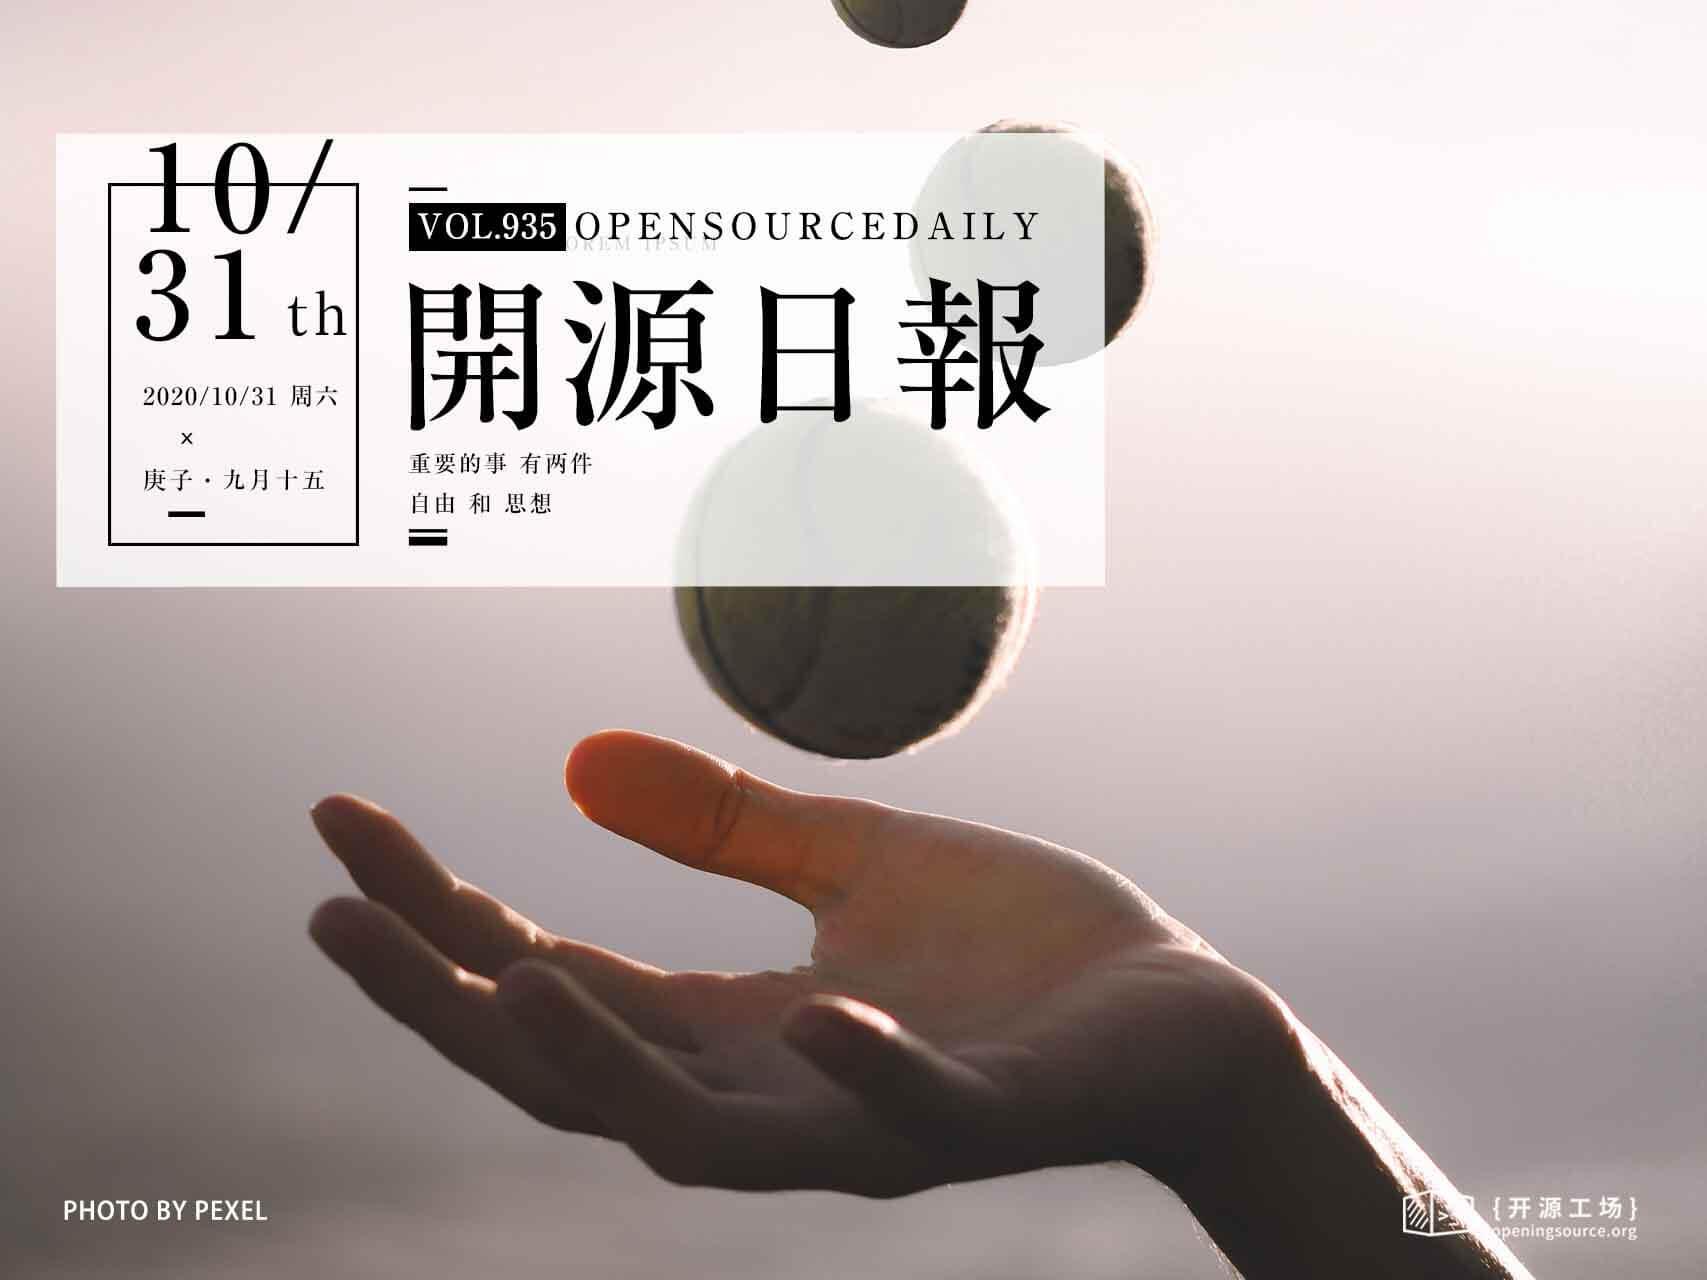 开源日报第935期:《隐私保护 Baize》